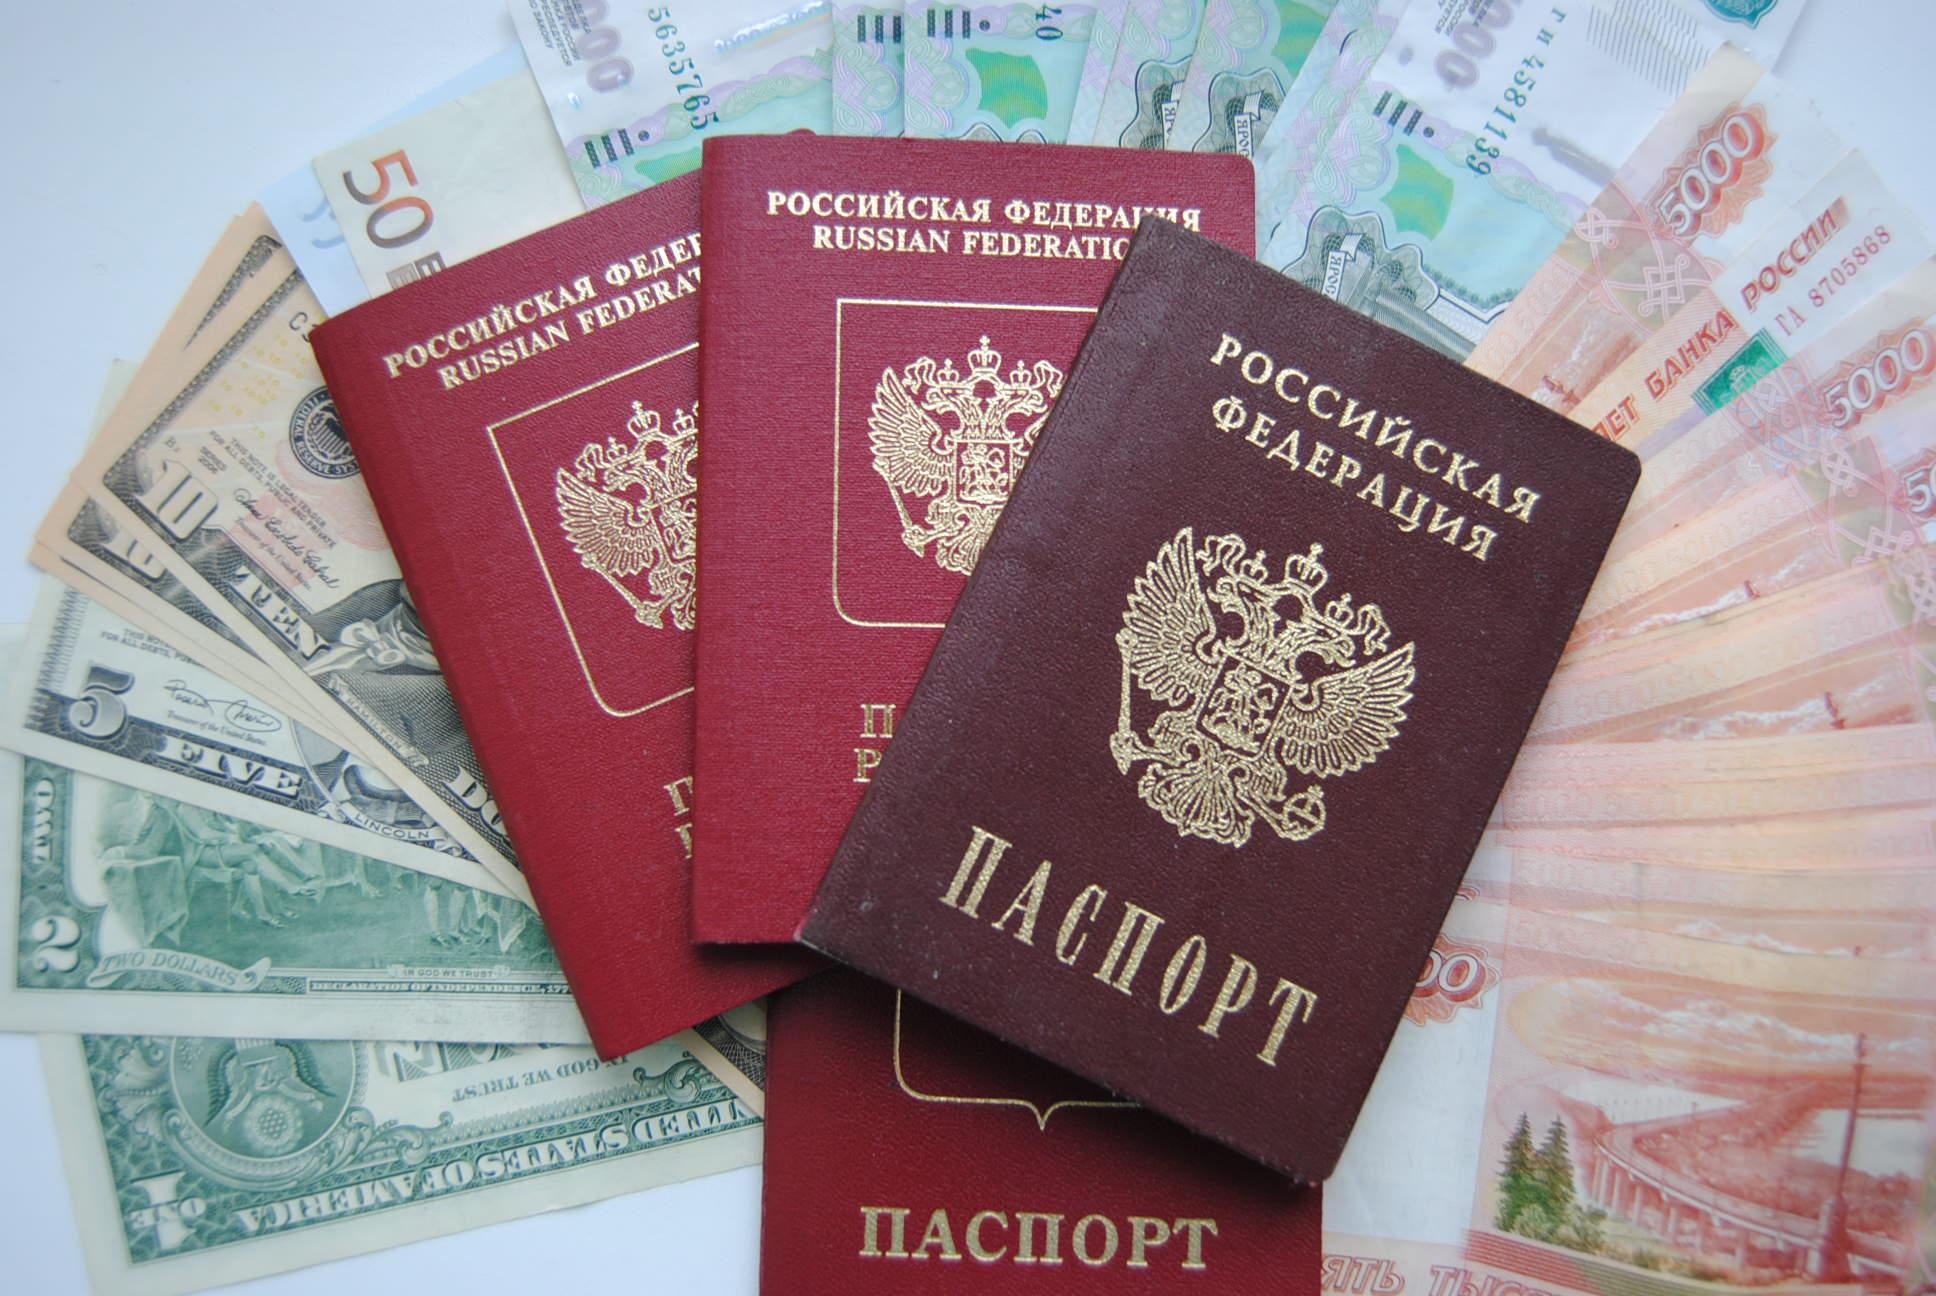 онлайн займы в казахстане на длительный срок от 500000 тг без отказа карта альфабанк 100 дней без процентов заказать